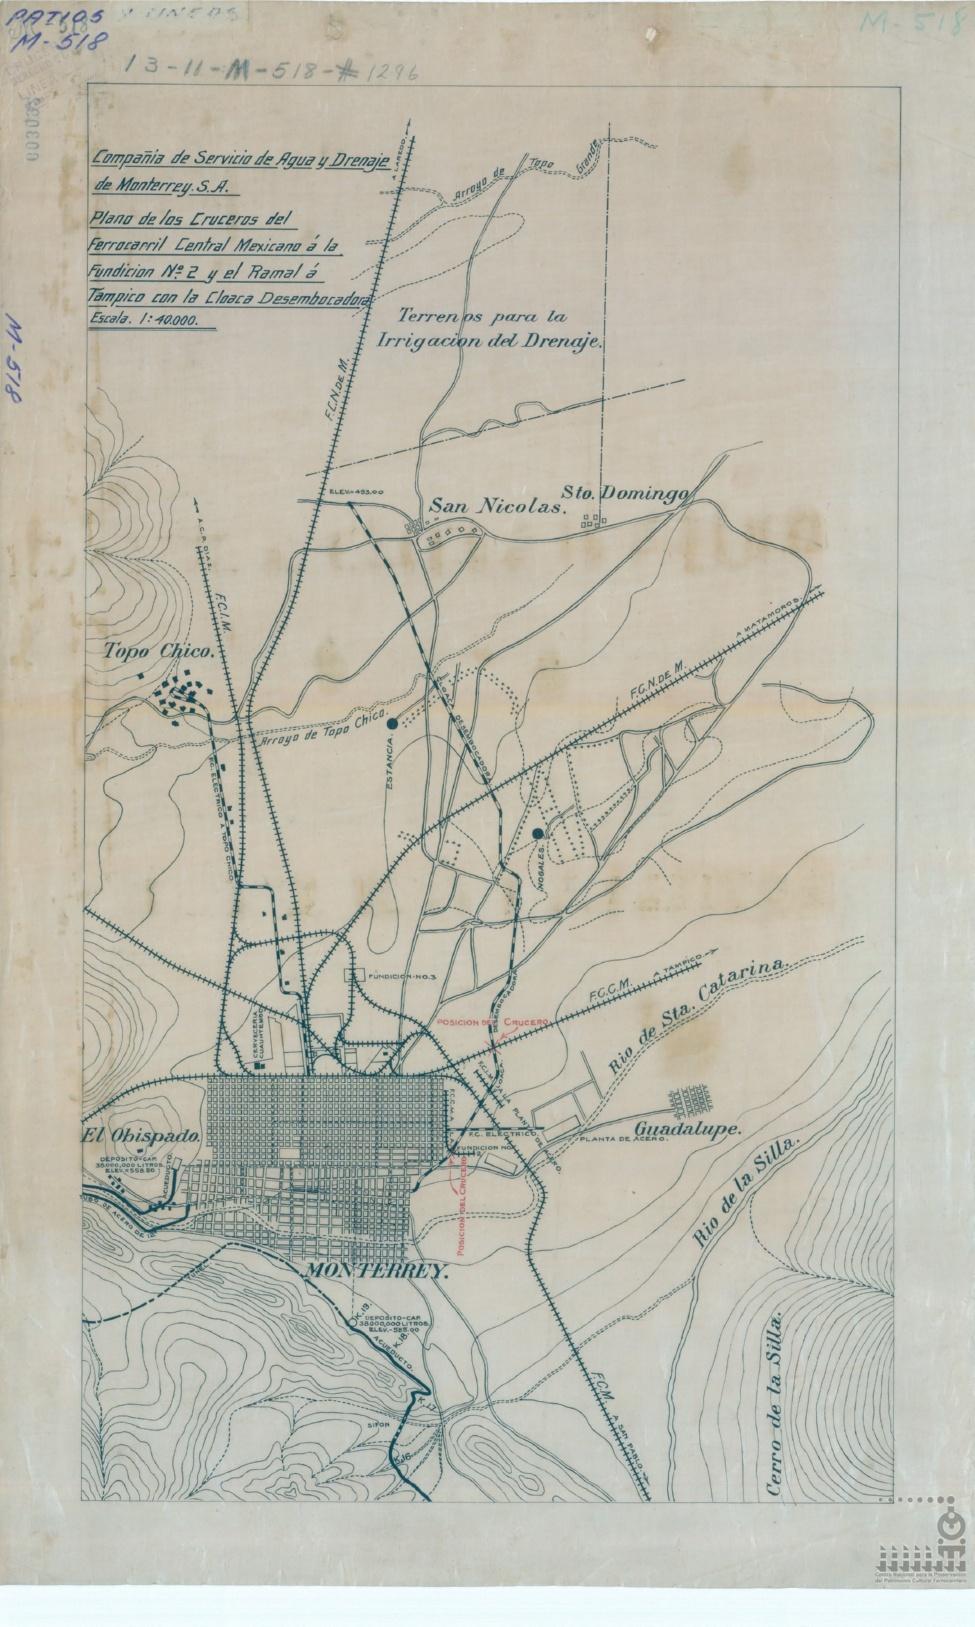 Imagen de Compañía de Agua y Drenaje de Monterrey, S. A. Plano de los cruceros del Ferrocarril Central Mexicano a la fundición N°2 y el ramal a Tampico con la cloaca desembocadora.